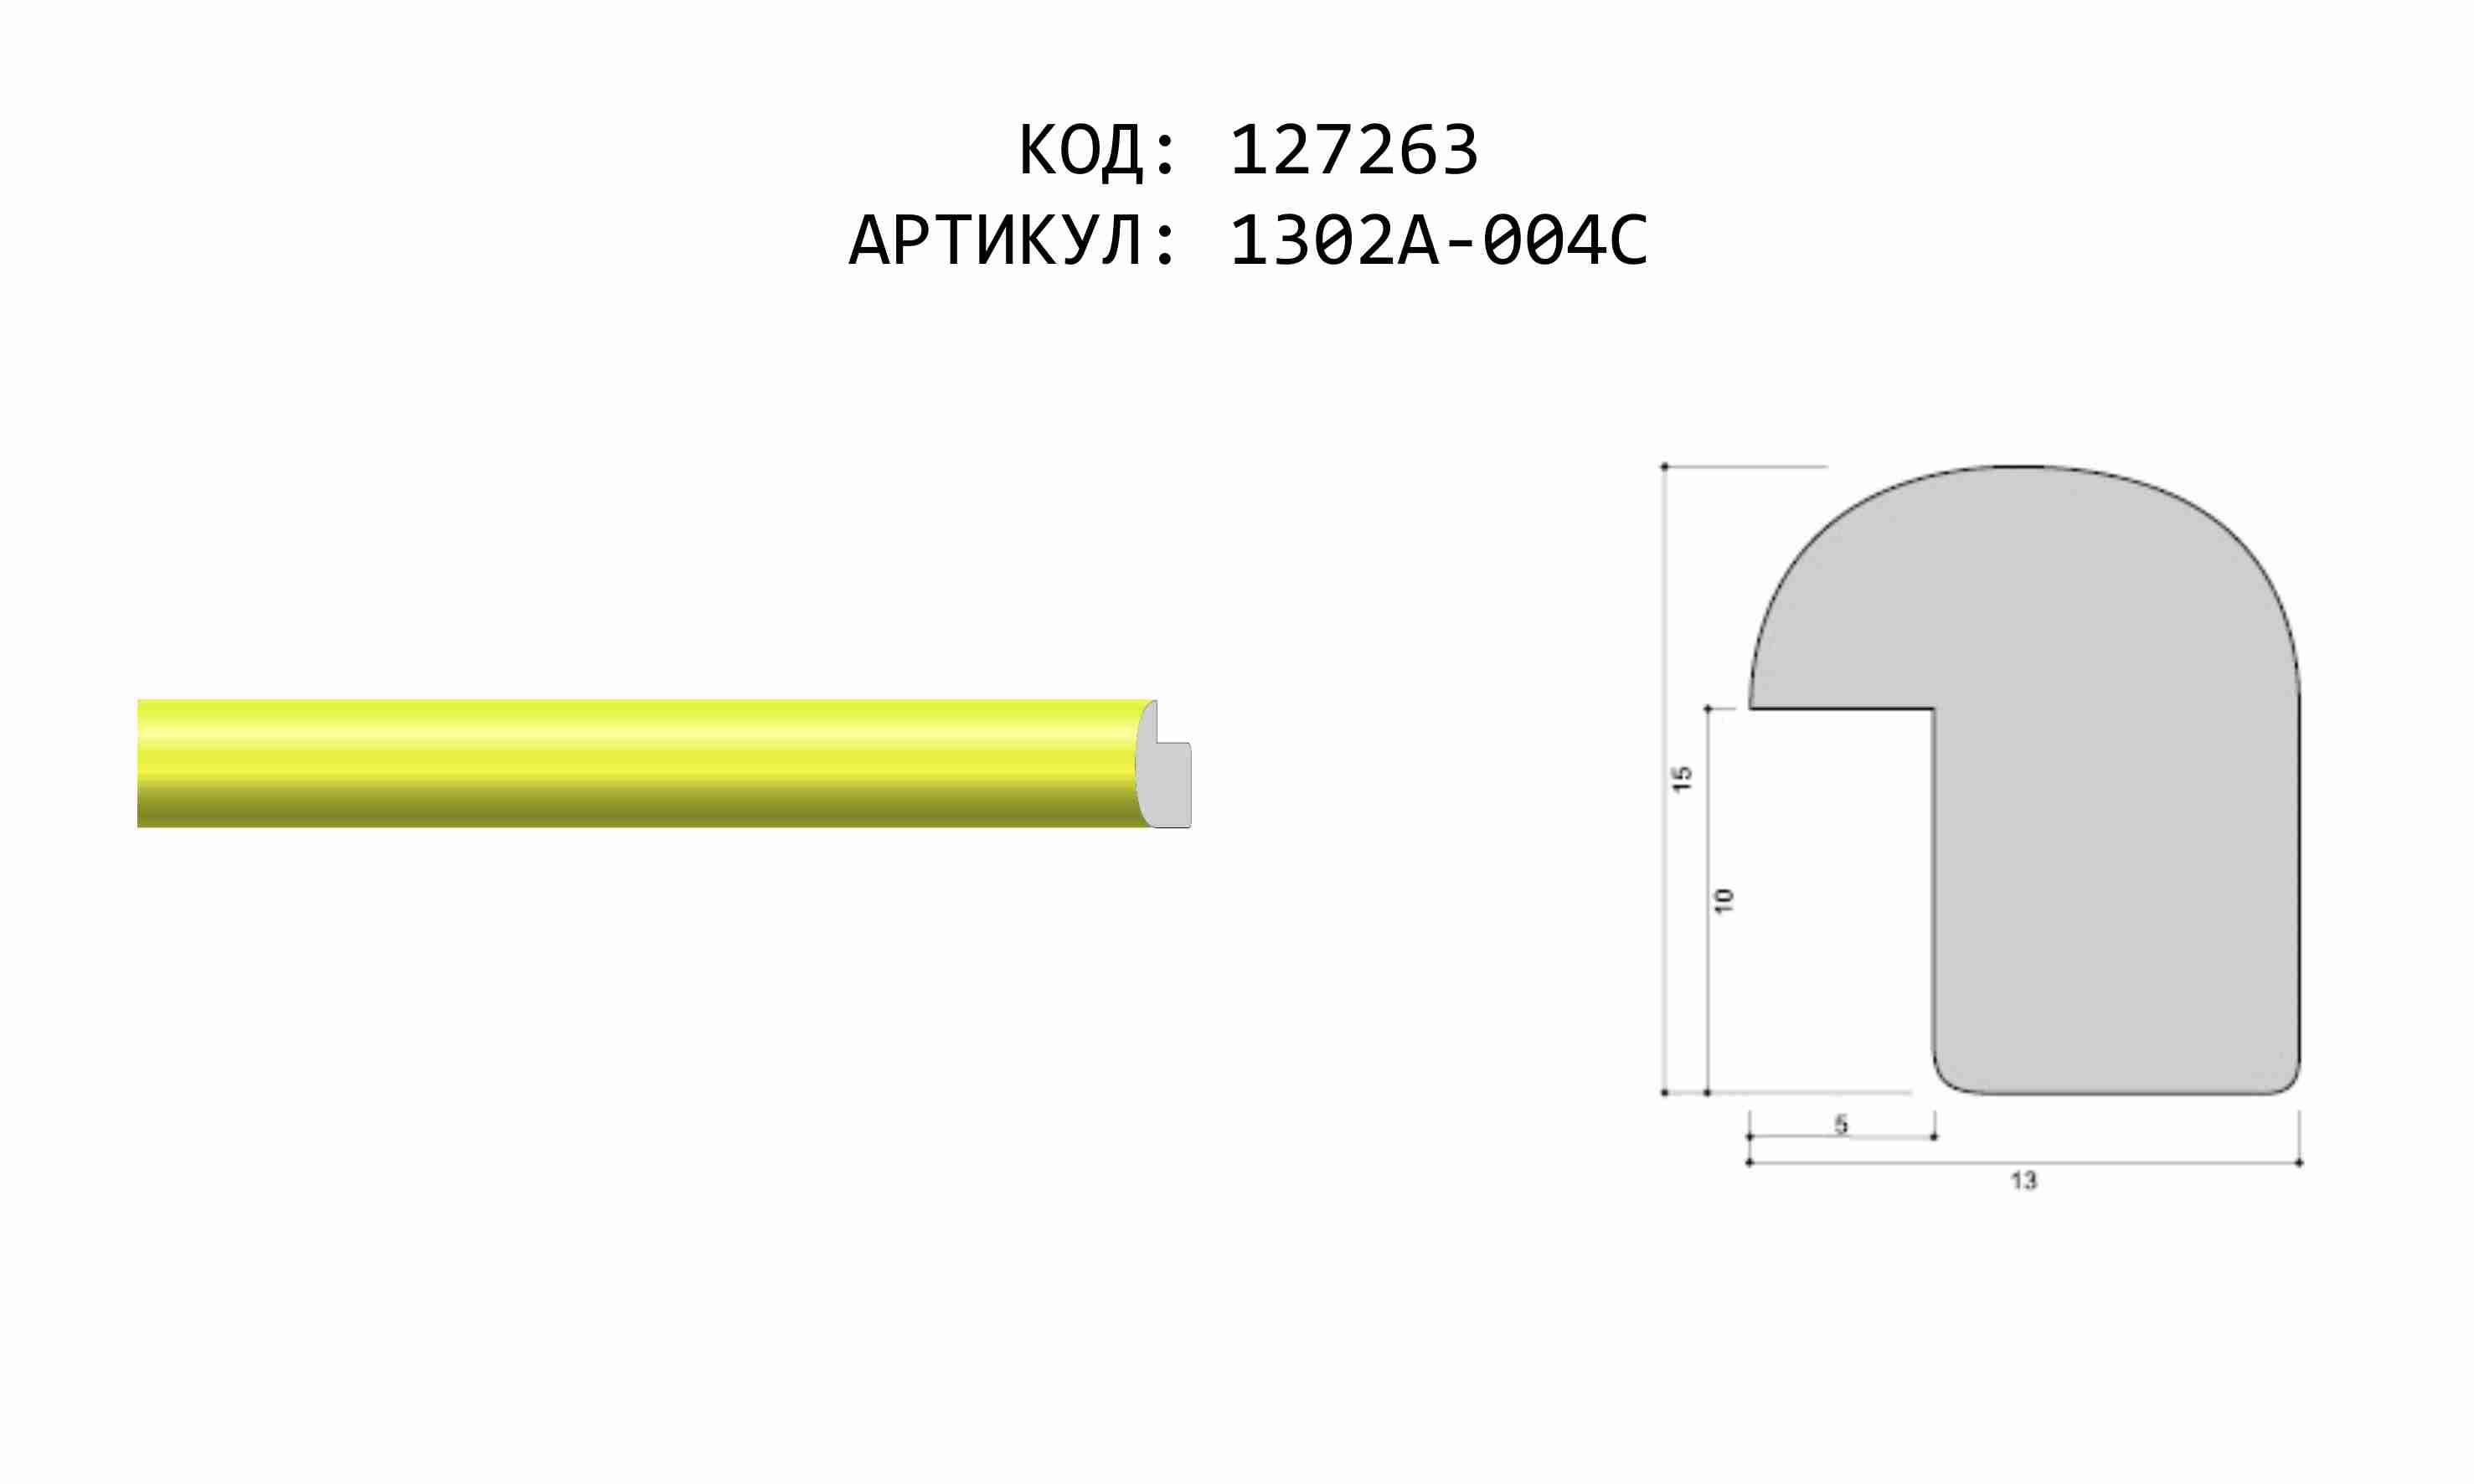 Артикул: 1302A-004C